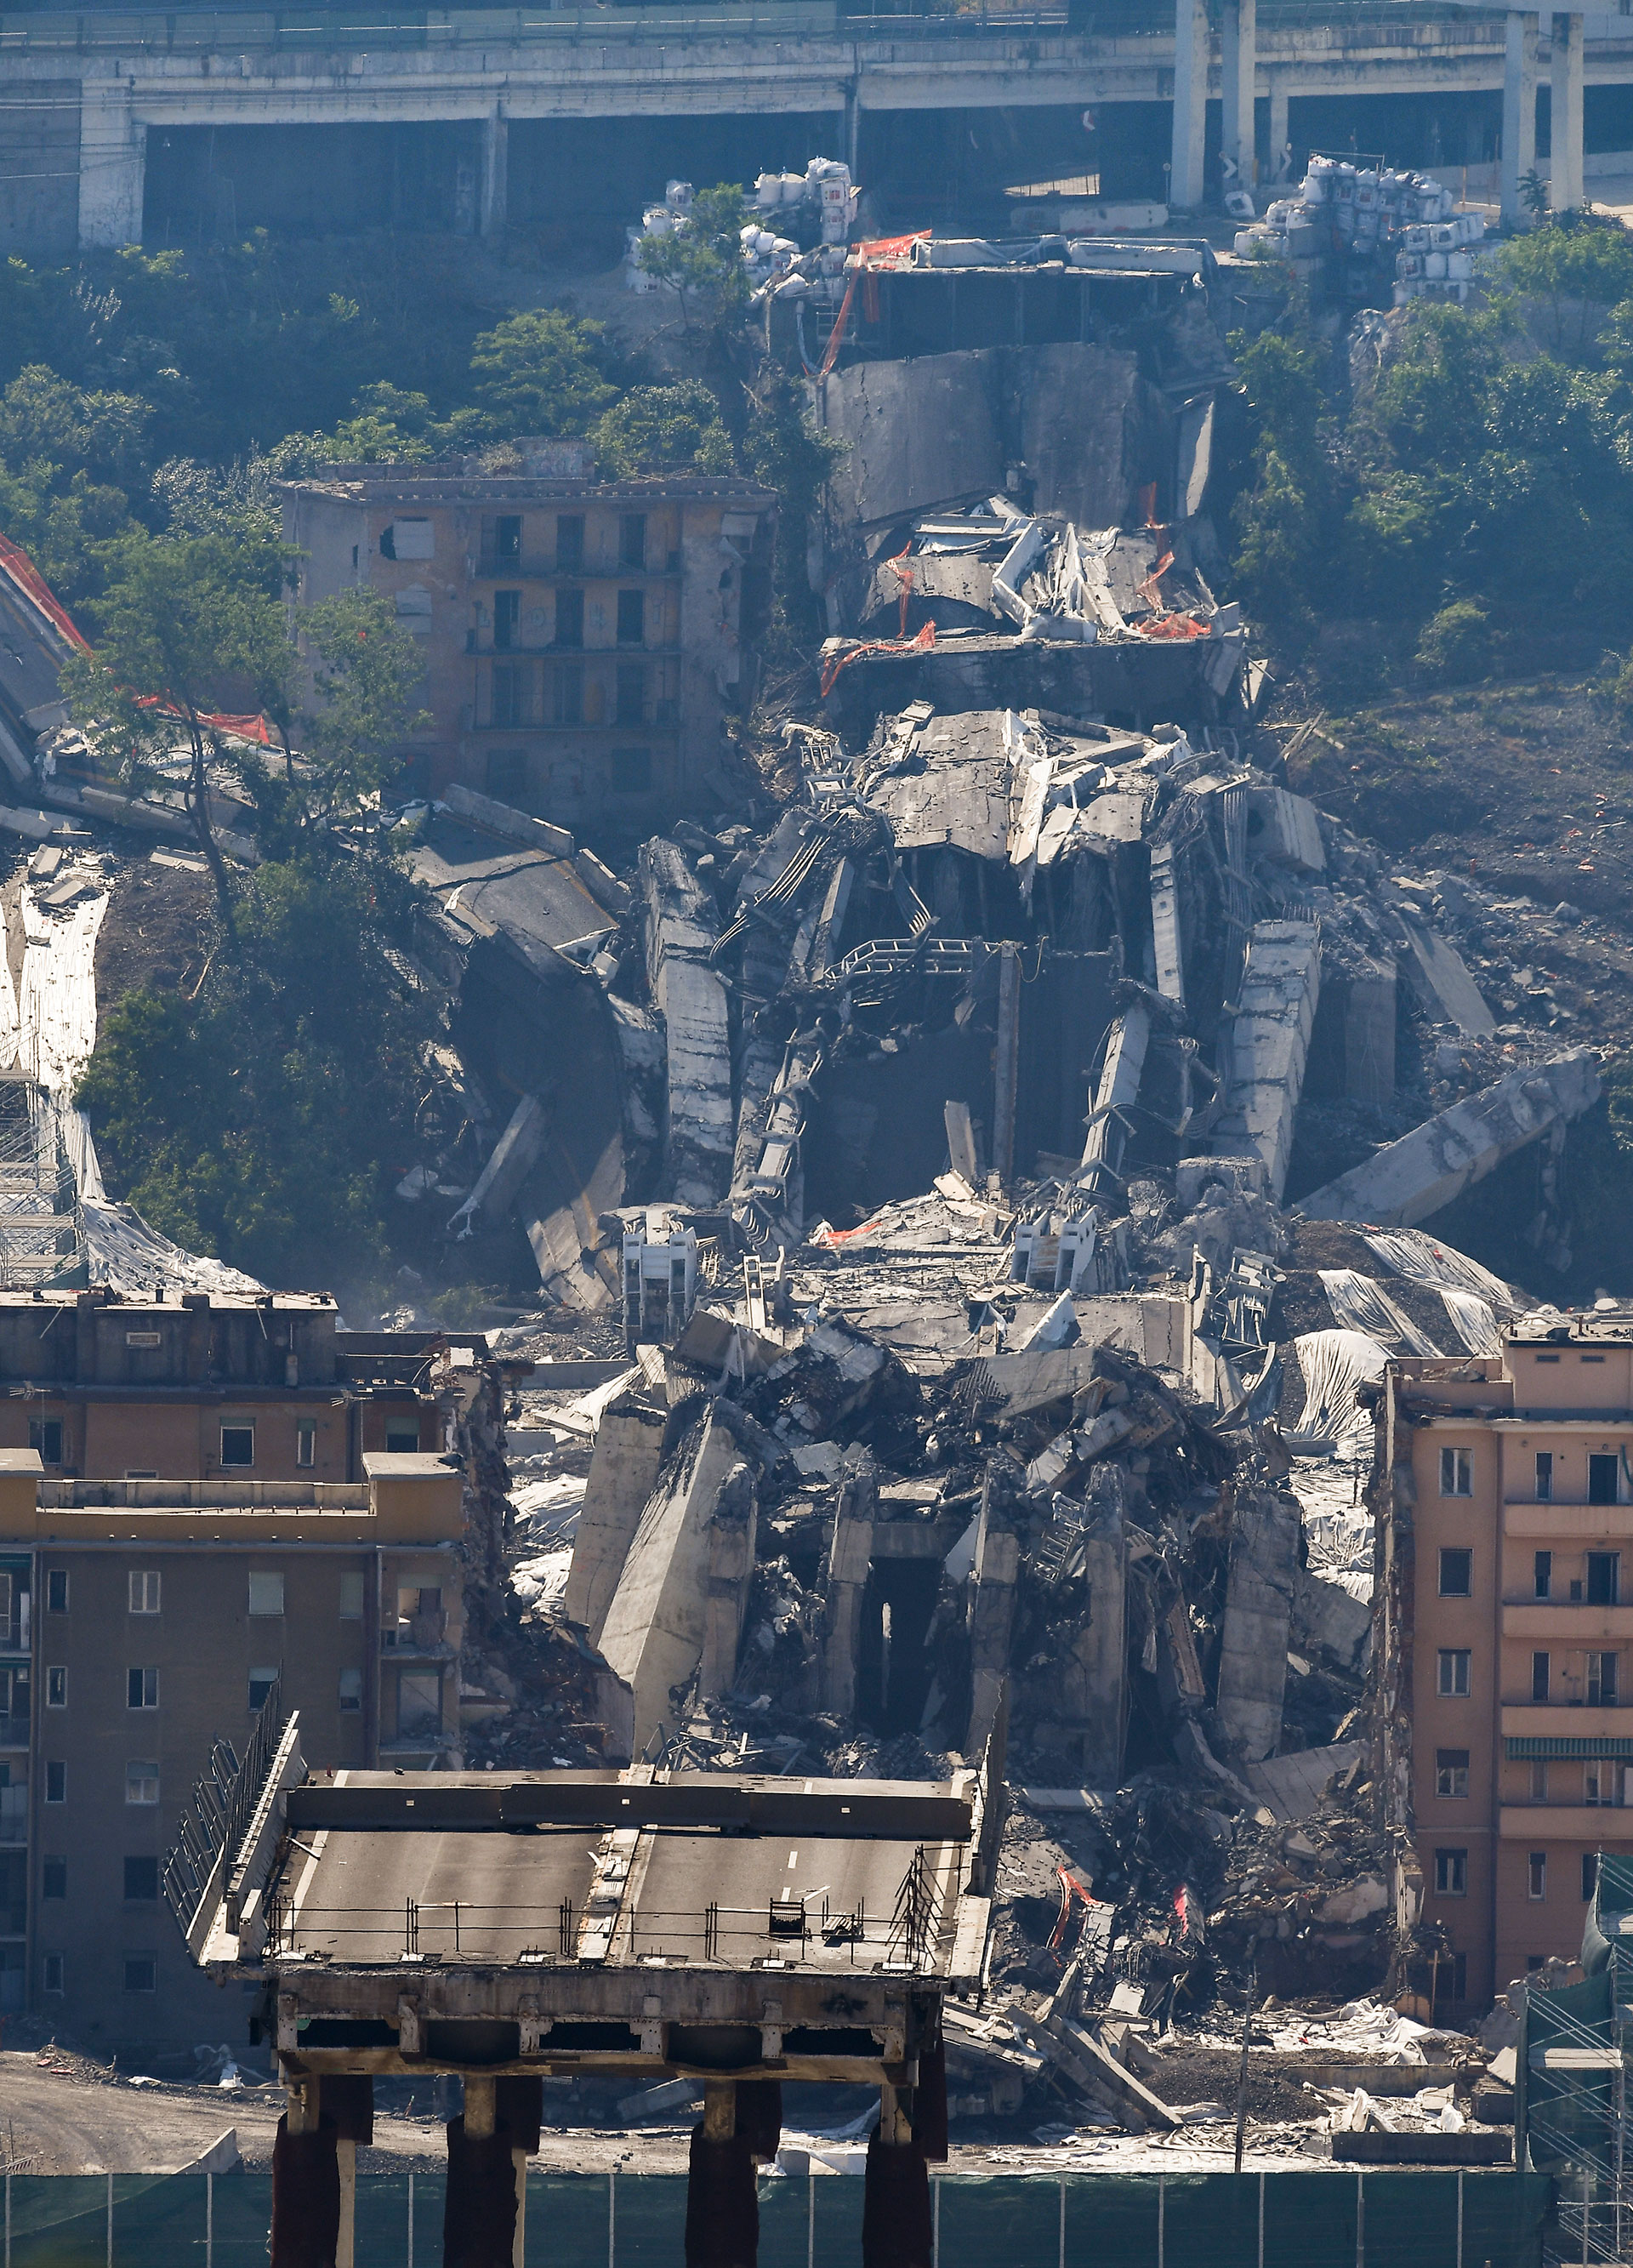 El tablero del puente, entre los escombros y los edificios evacuados después de que cargas explosivas volaran los pilones (AFP)